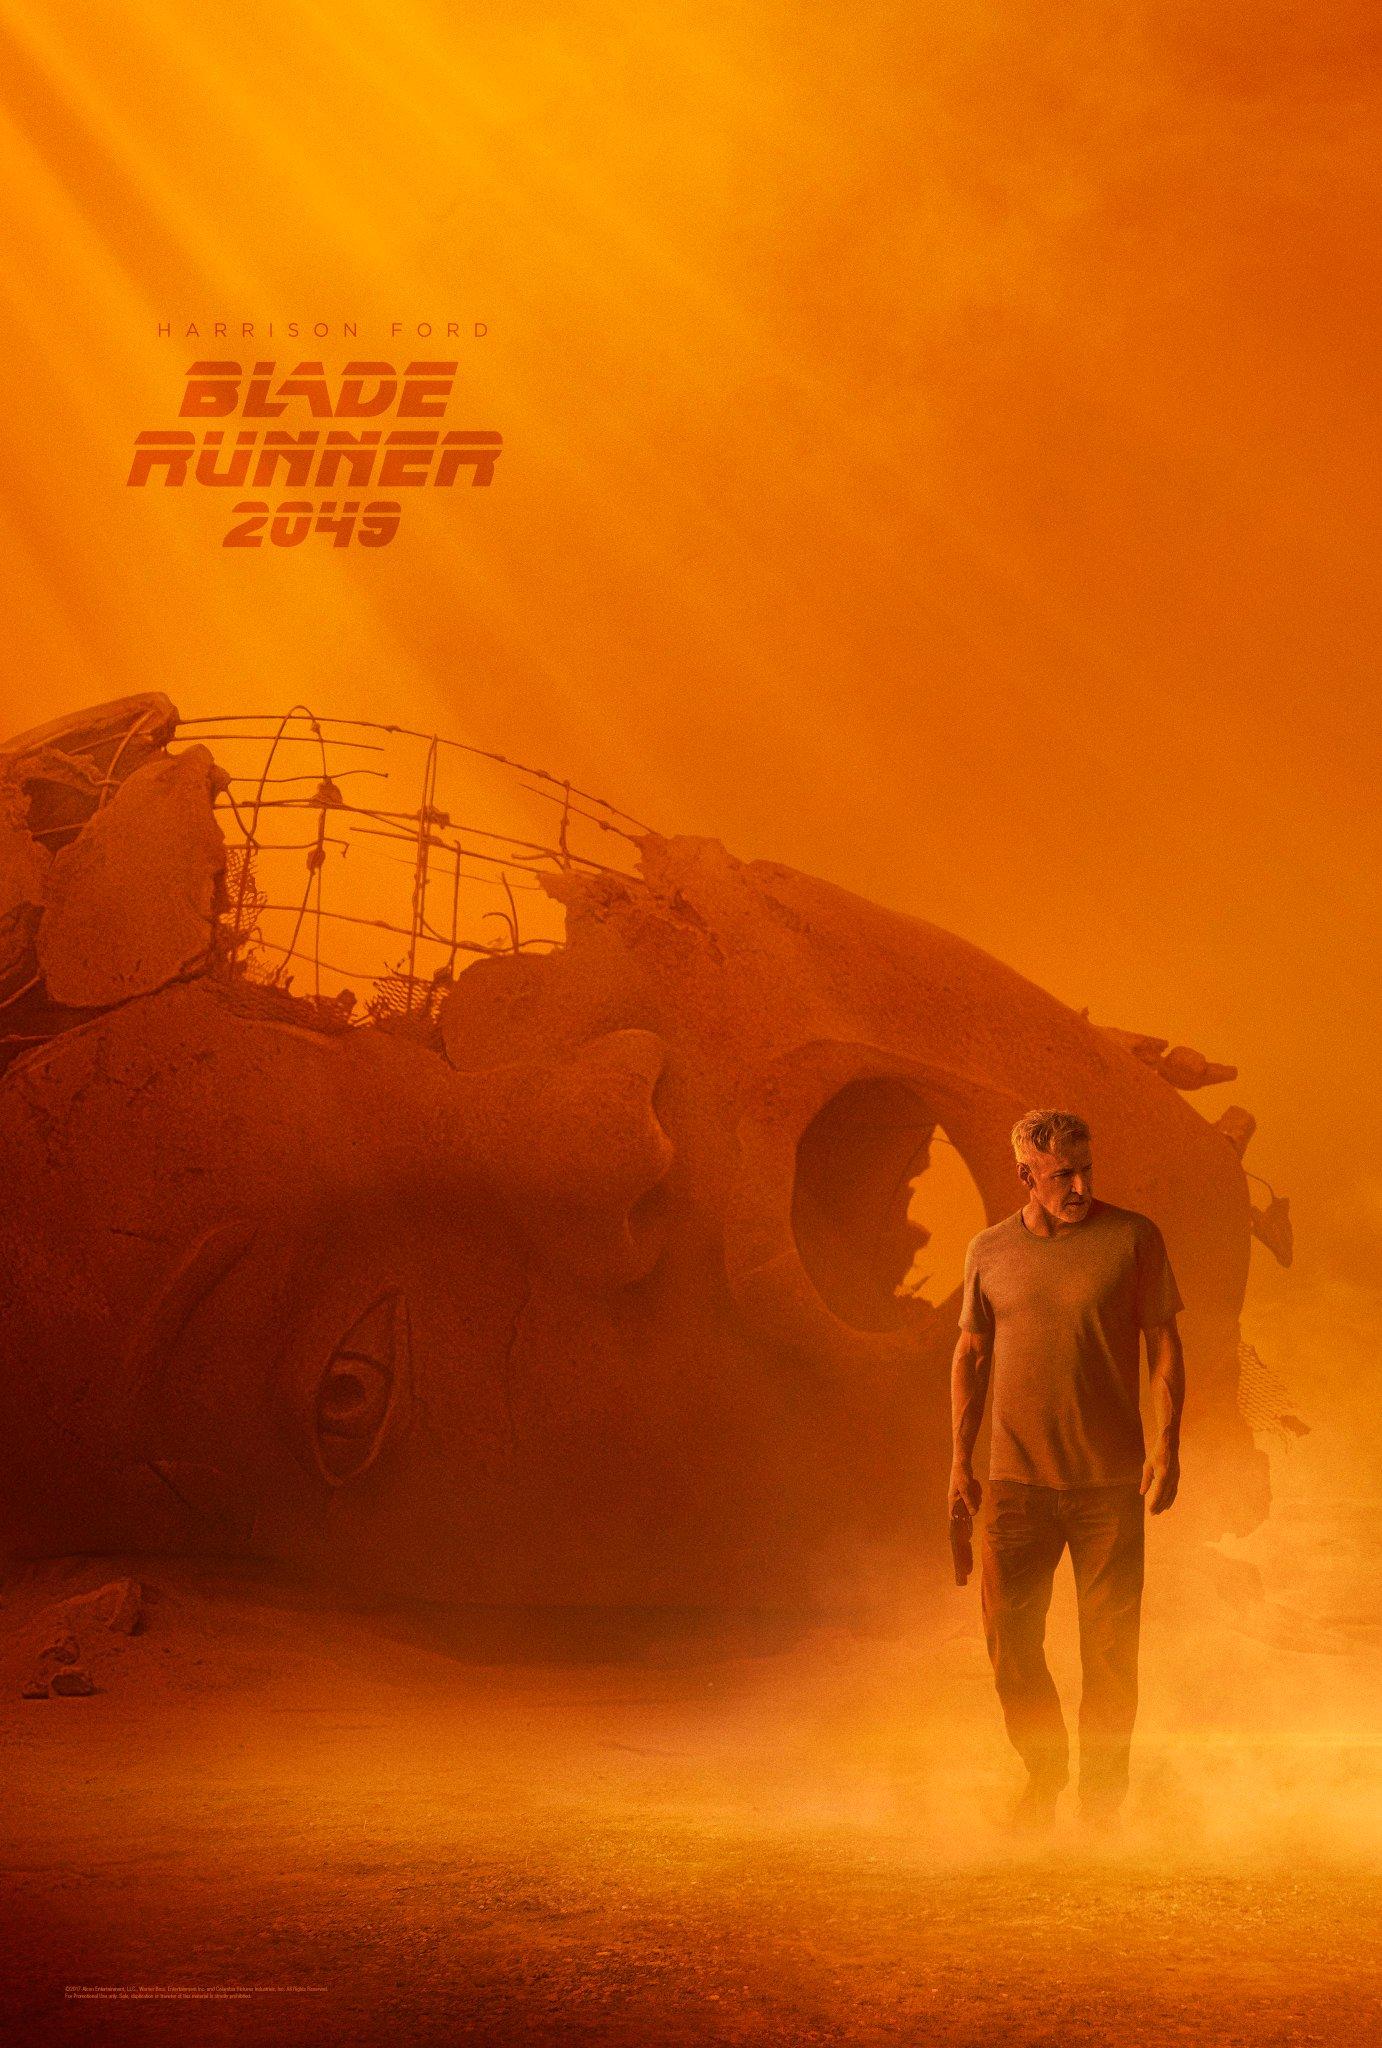 05052017_blade_runner_2049_poster_2